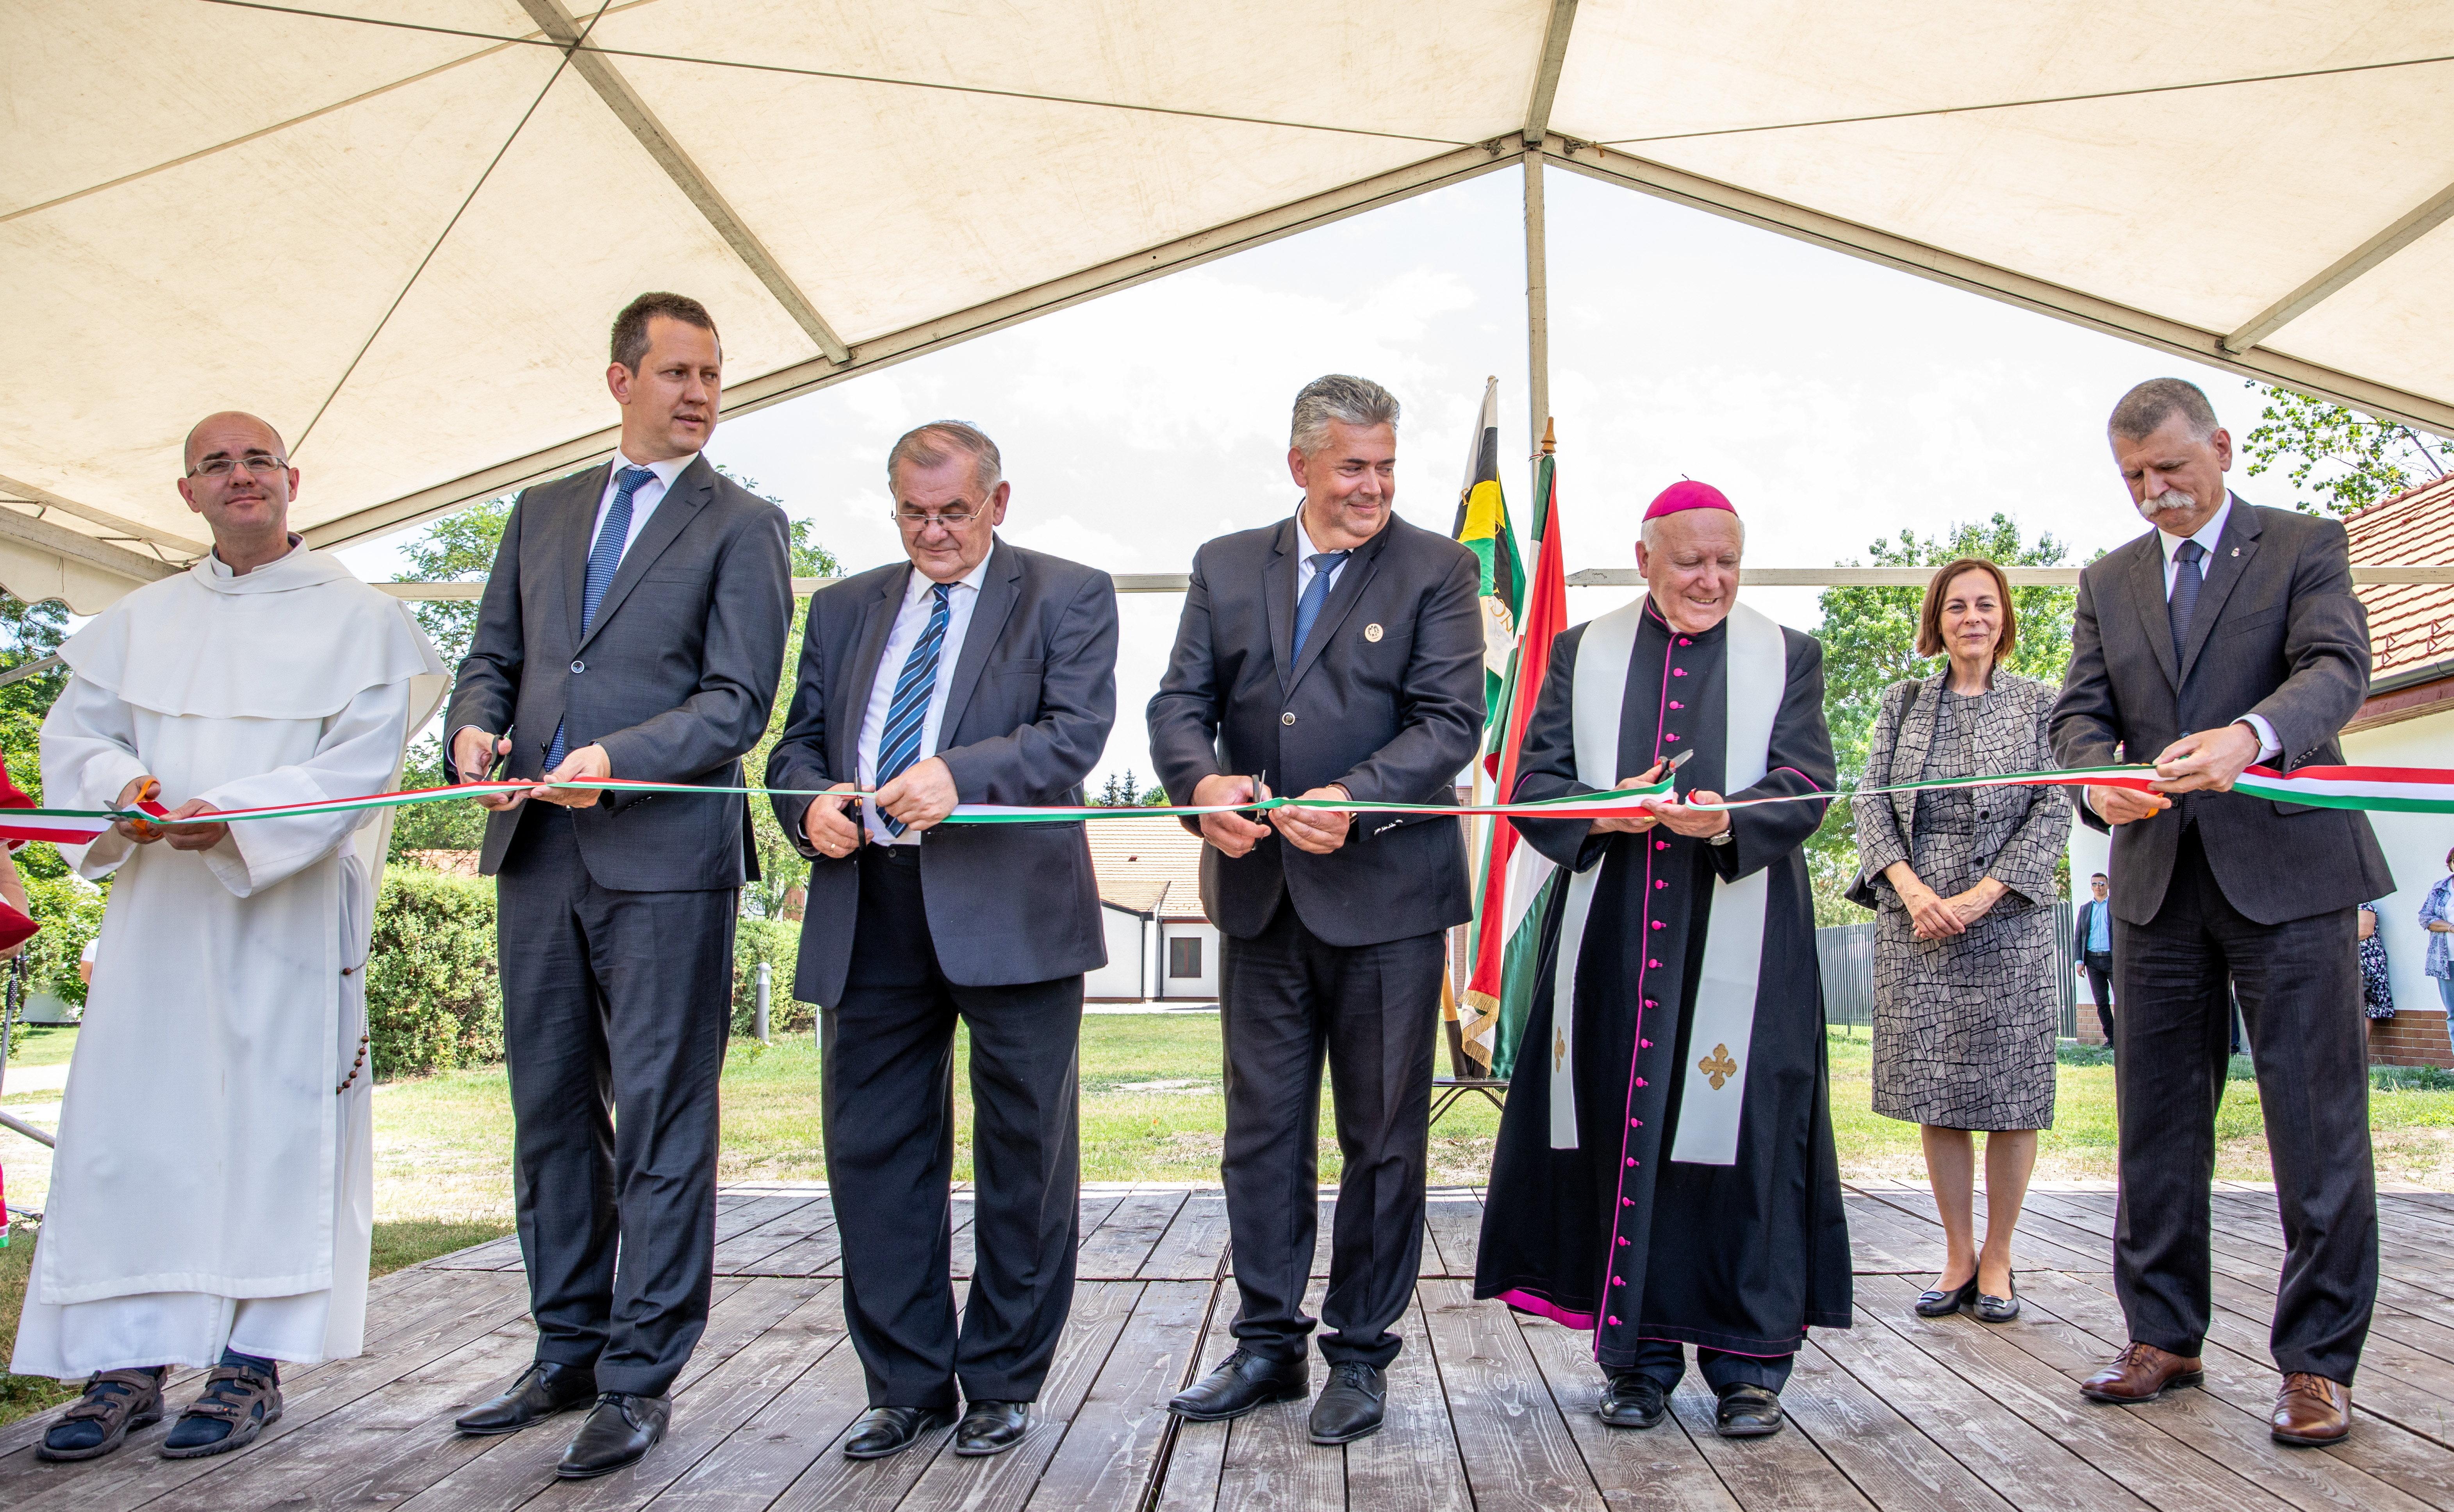 Fideszes egyházpolitika egy mondatban (és képben)